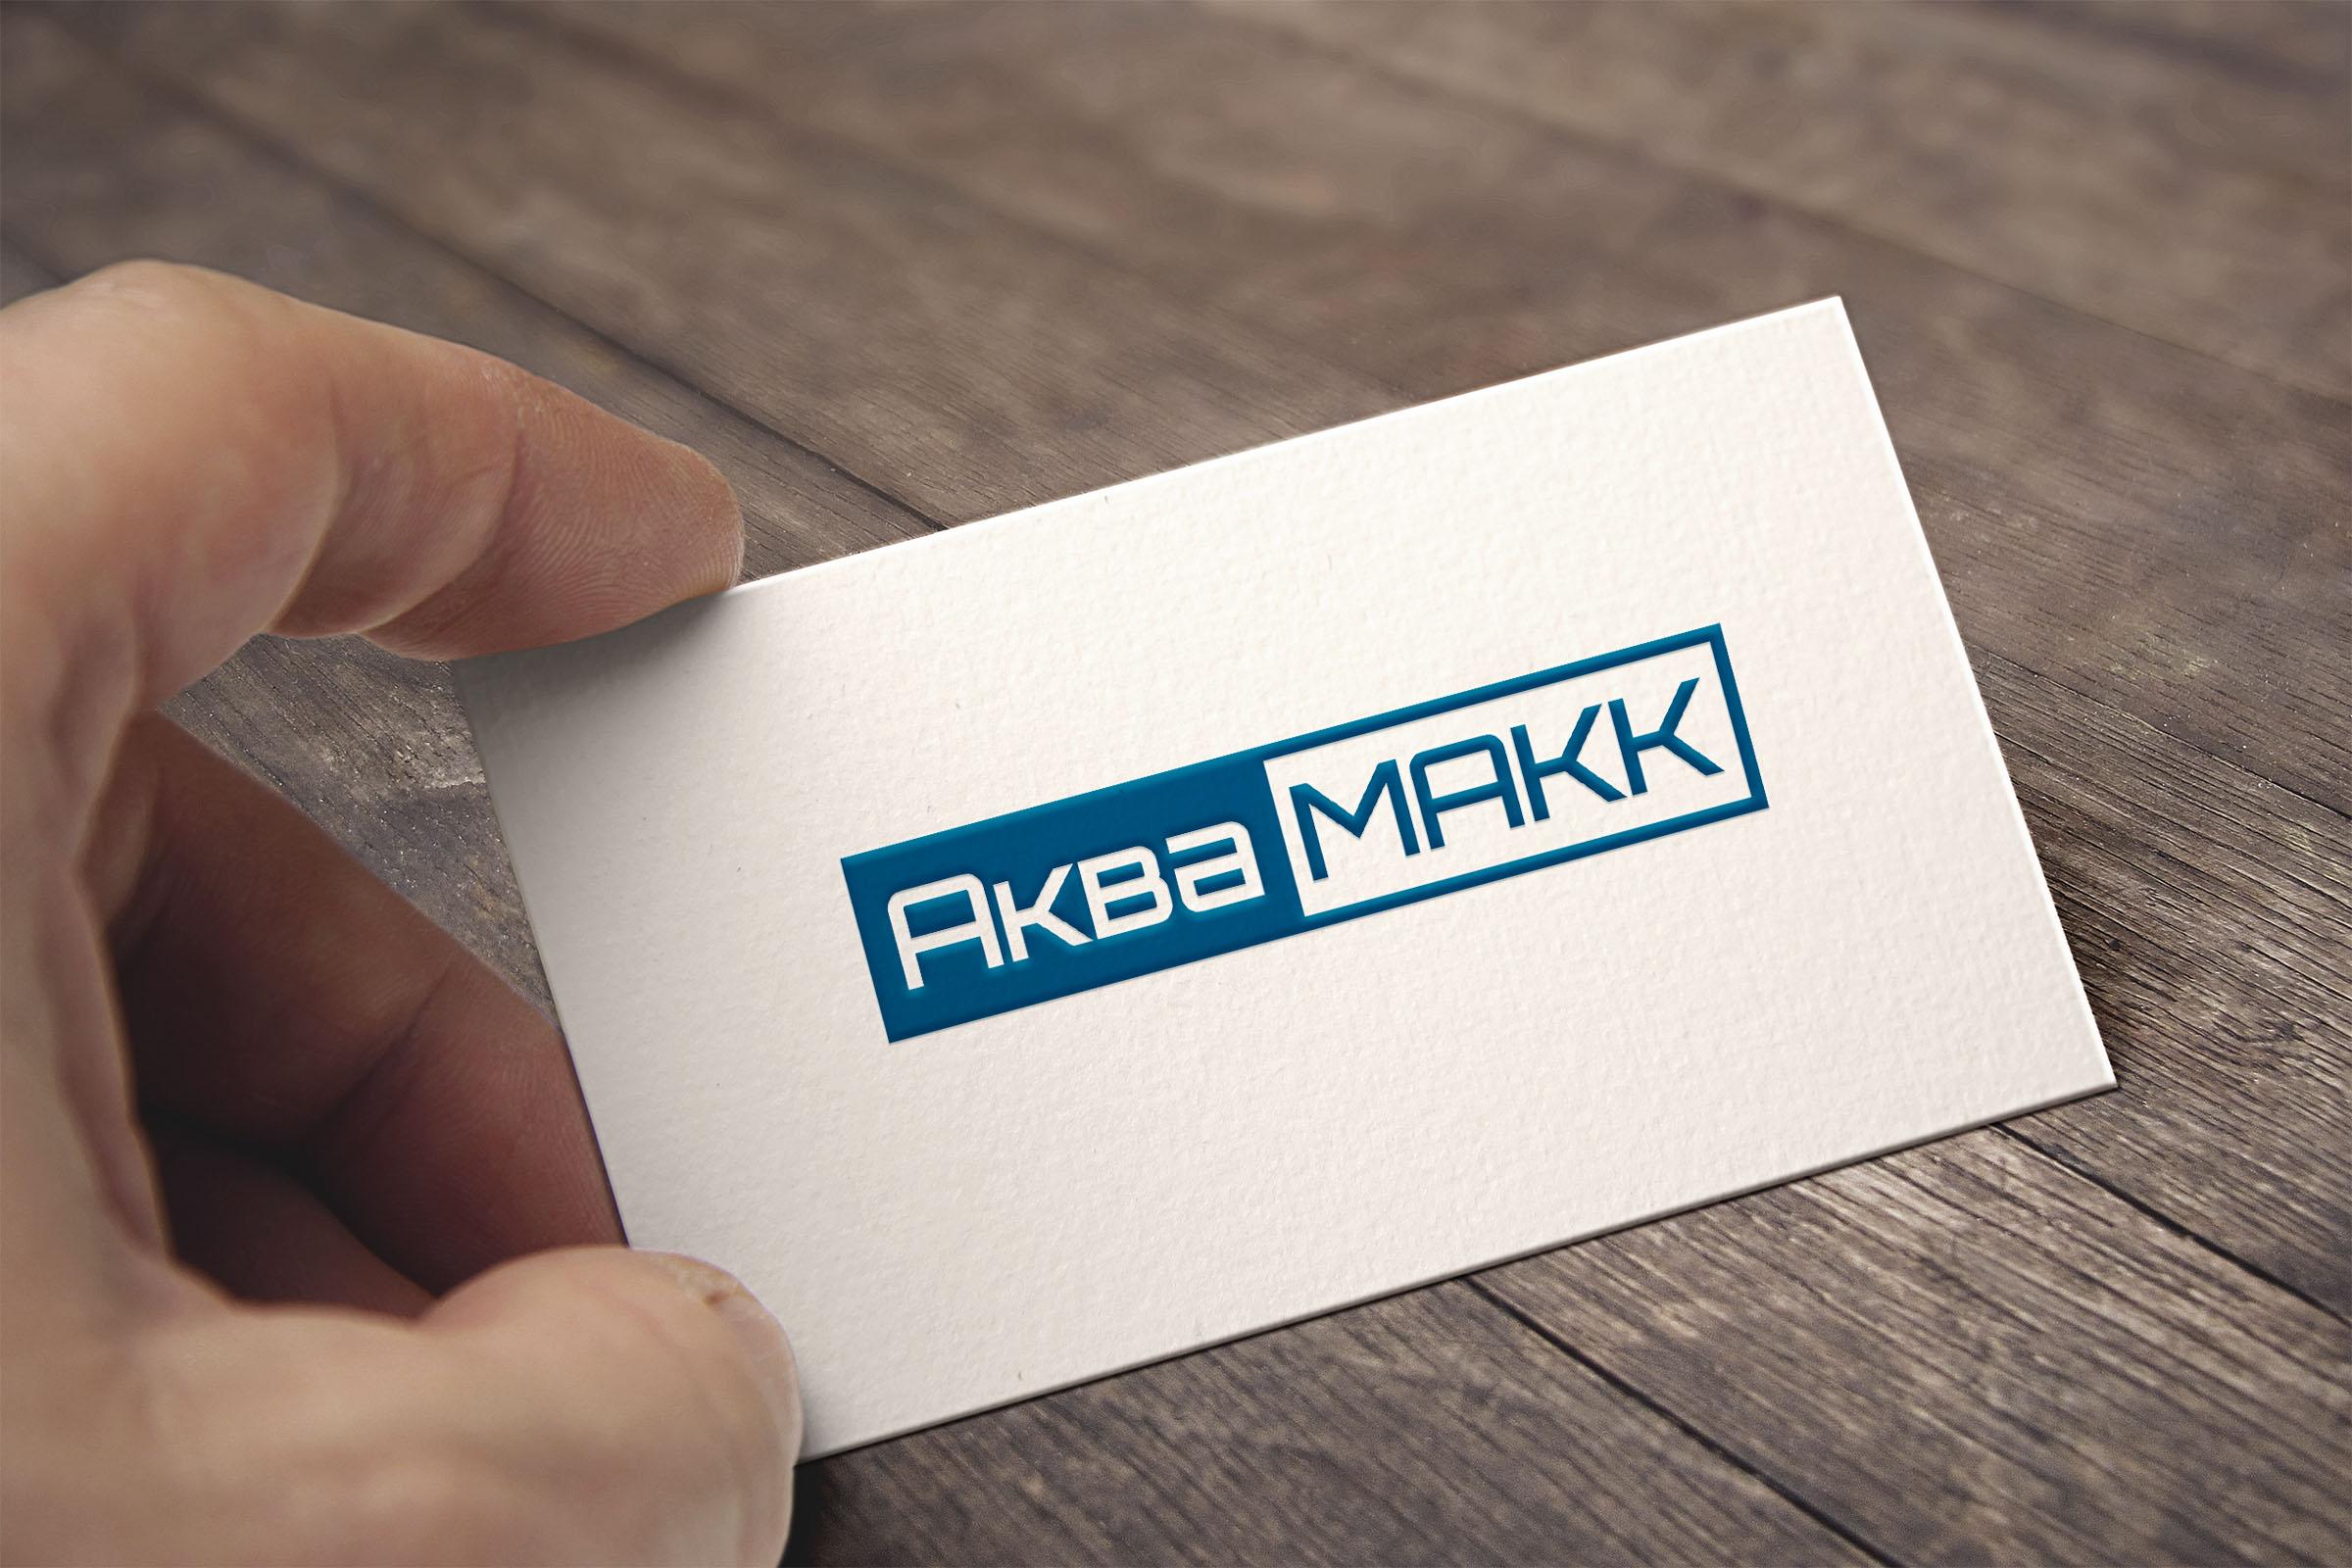 Разработка логотипа для линейки продуктов в стиле леттеринг фото f_0985a08597e7e7b4.jpg